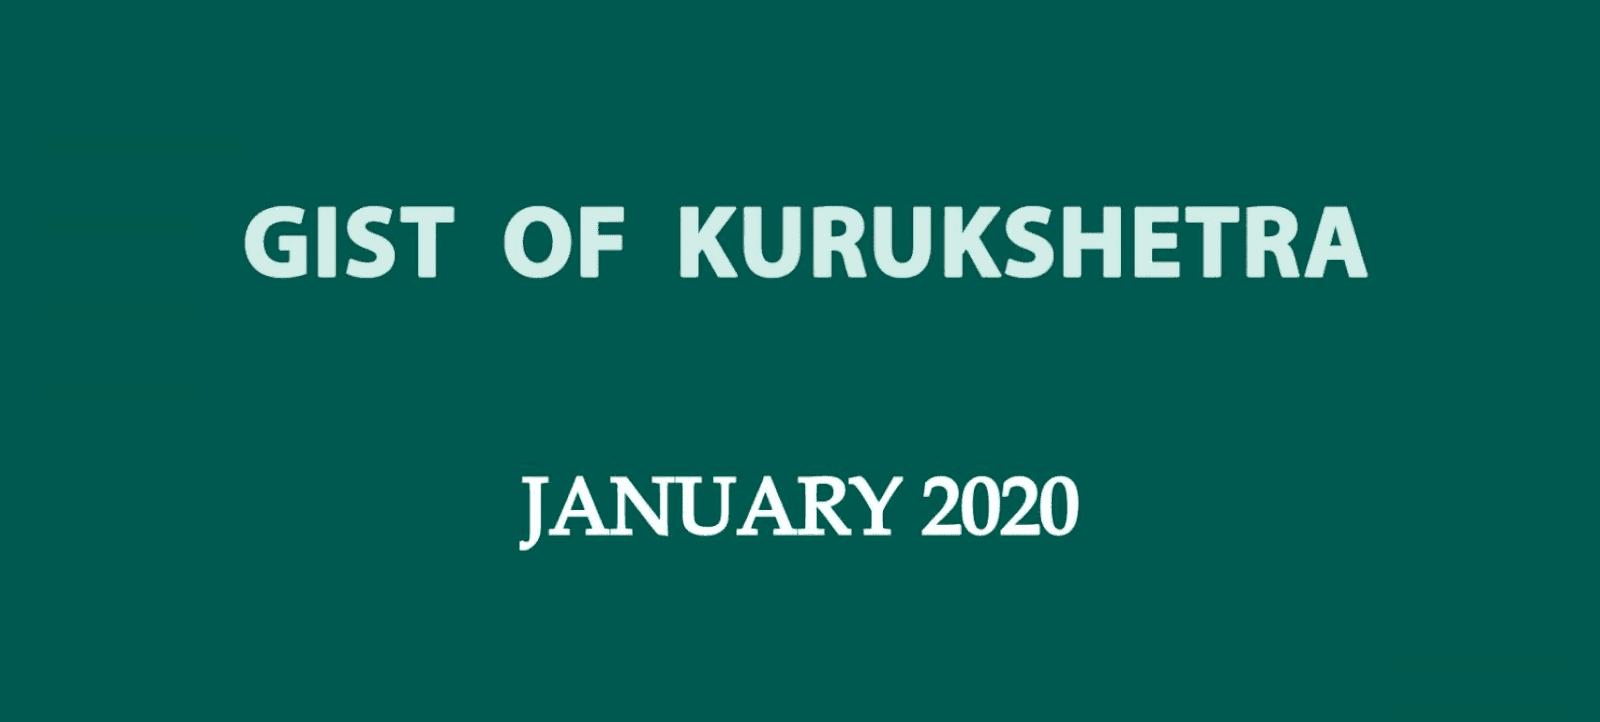 Gist of Kurukshetra January 2020 PDF